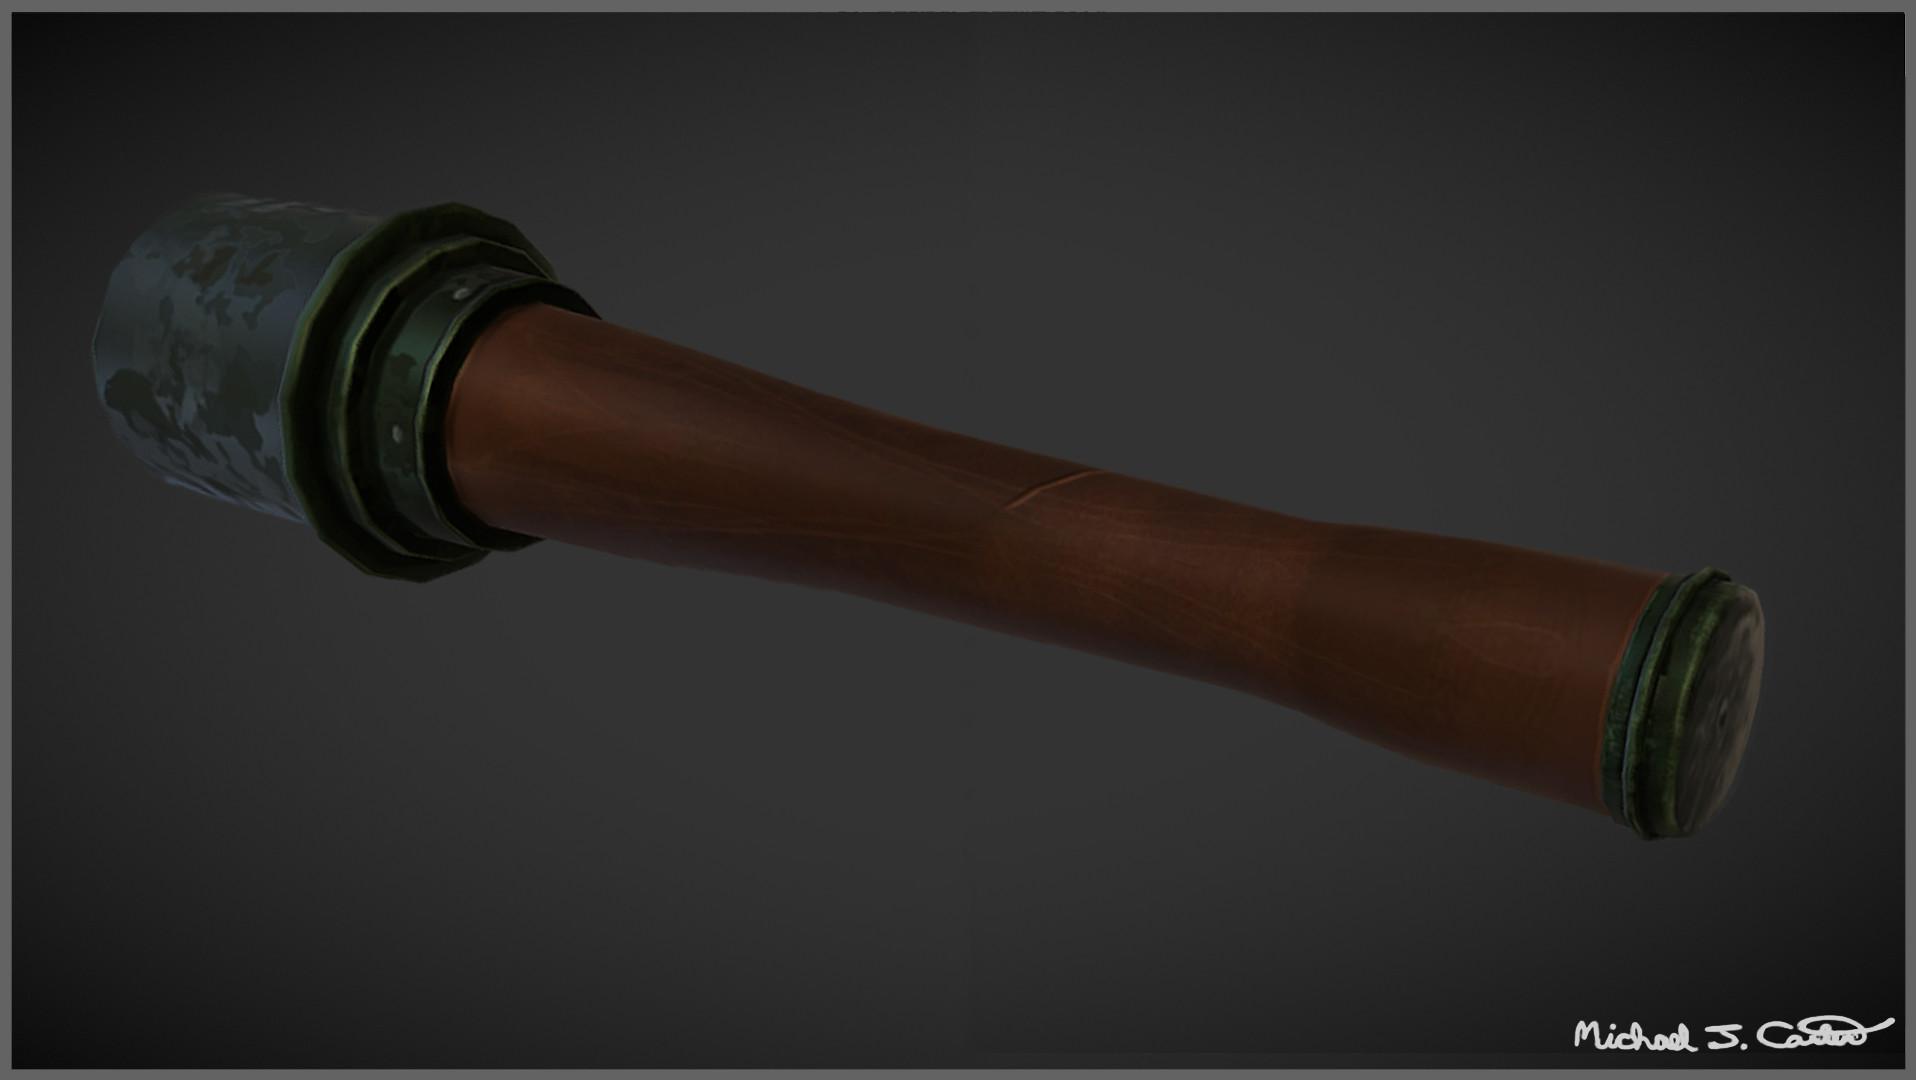 Michael jake carter mcarter stick grenade side image